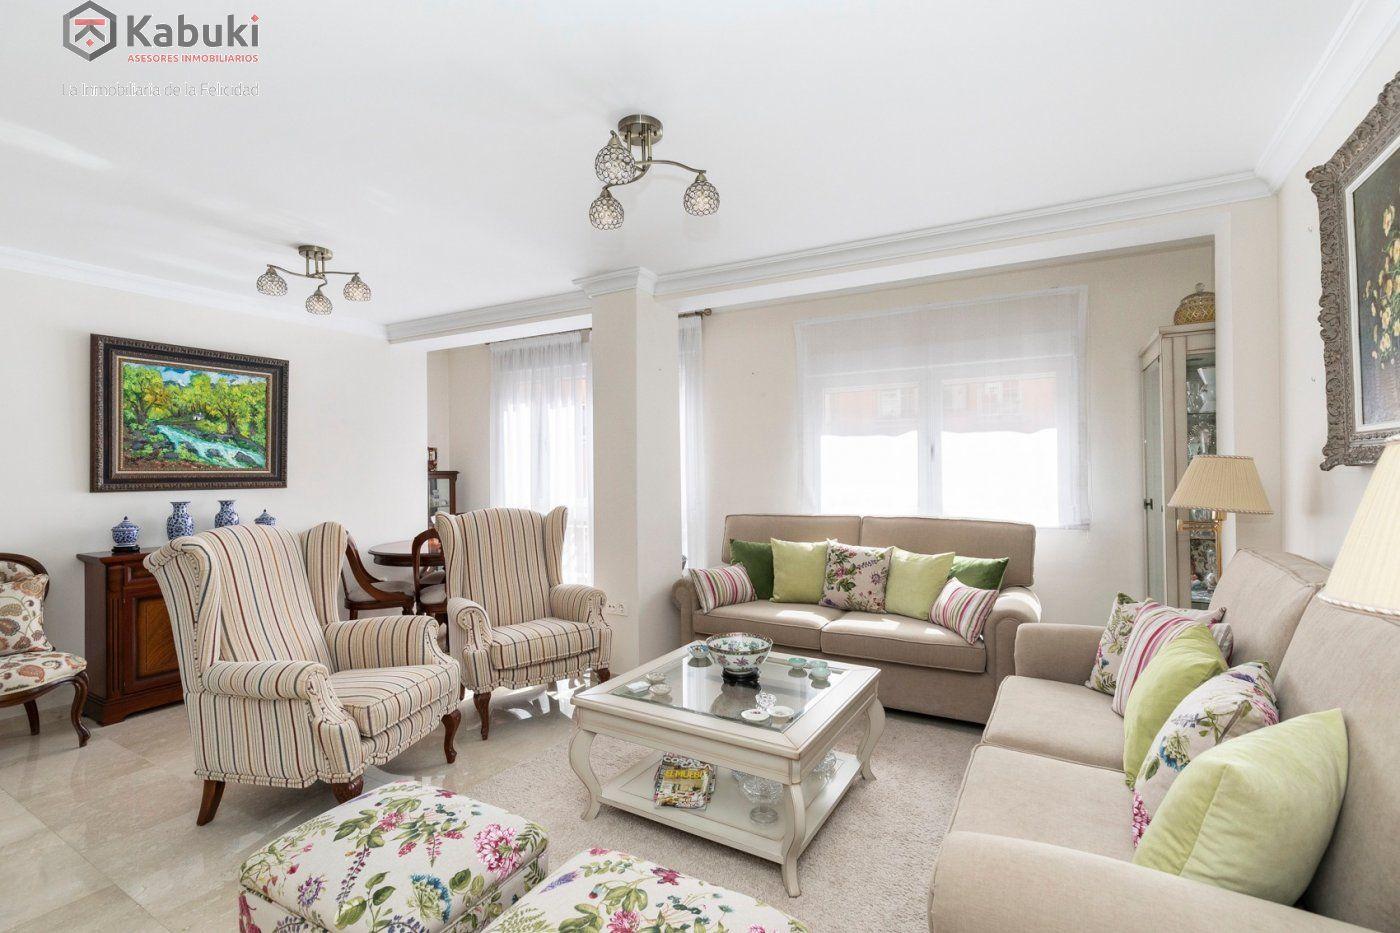 Magnífico piso en zona de recogidas, espacioso y luminoso en planta alta. - imagenInmueble1